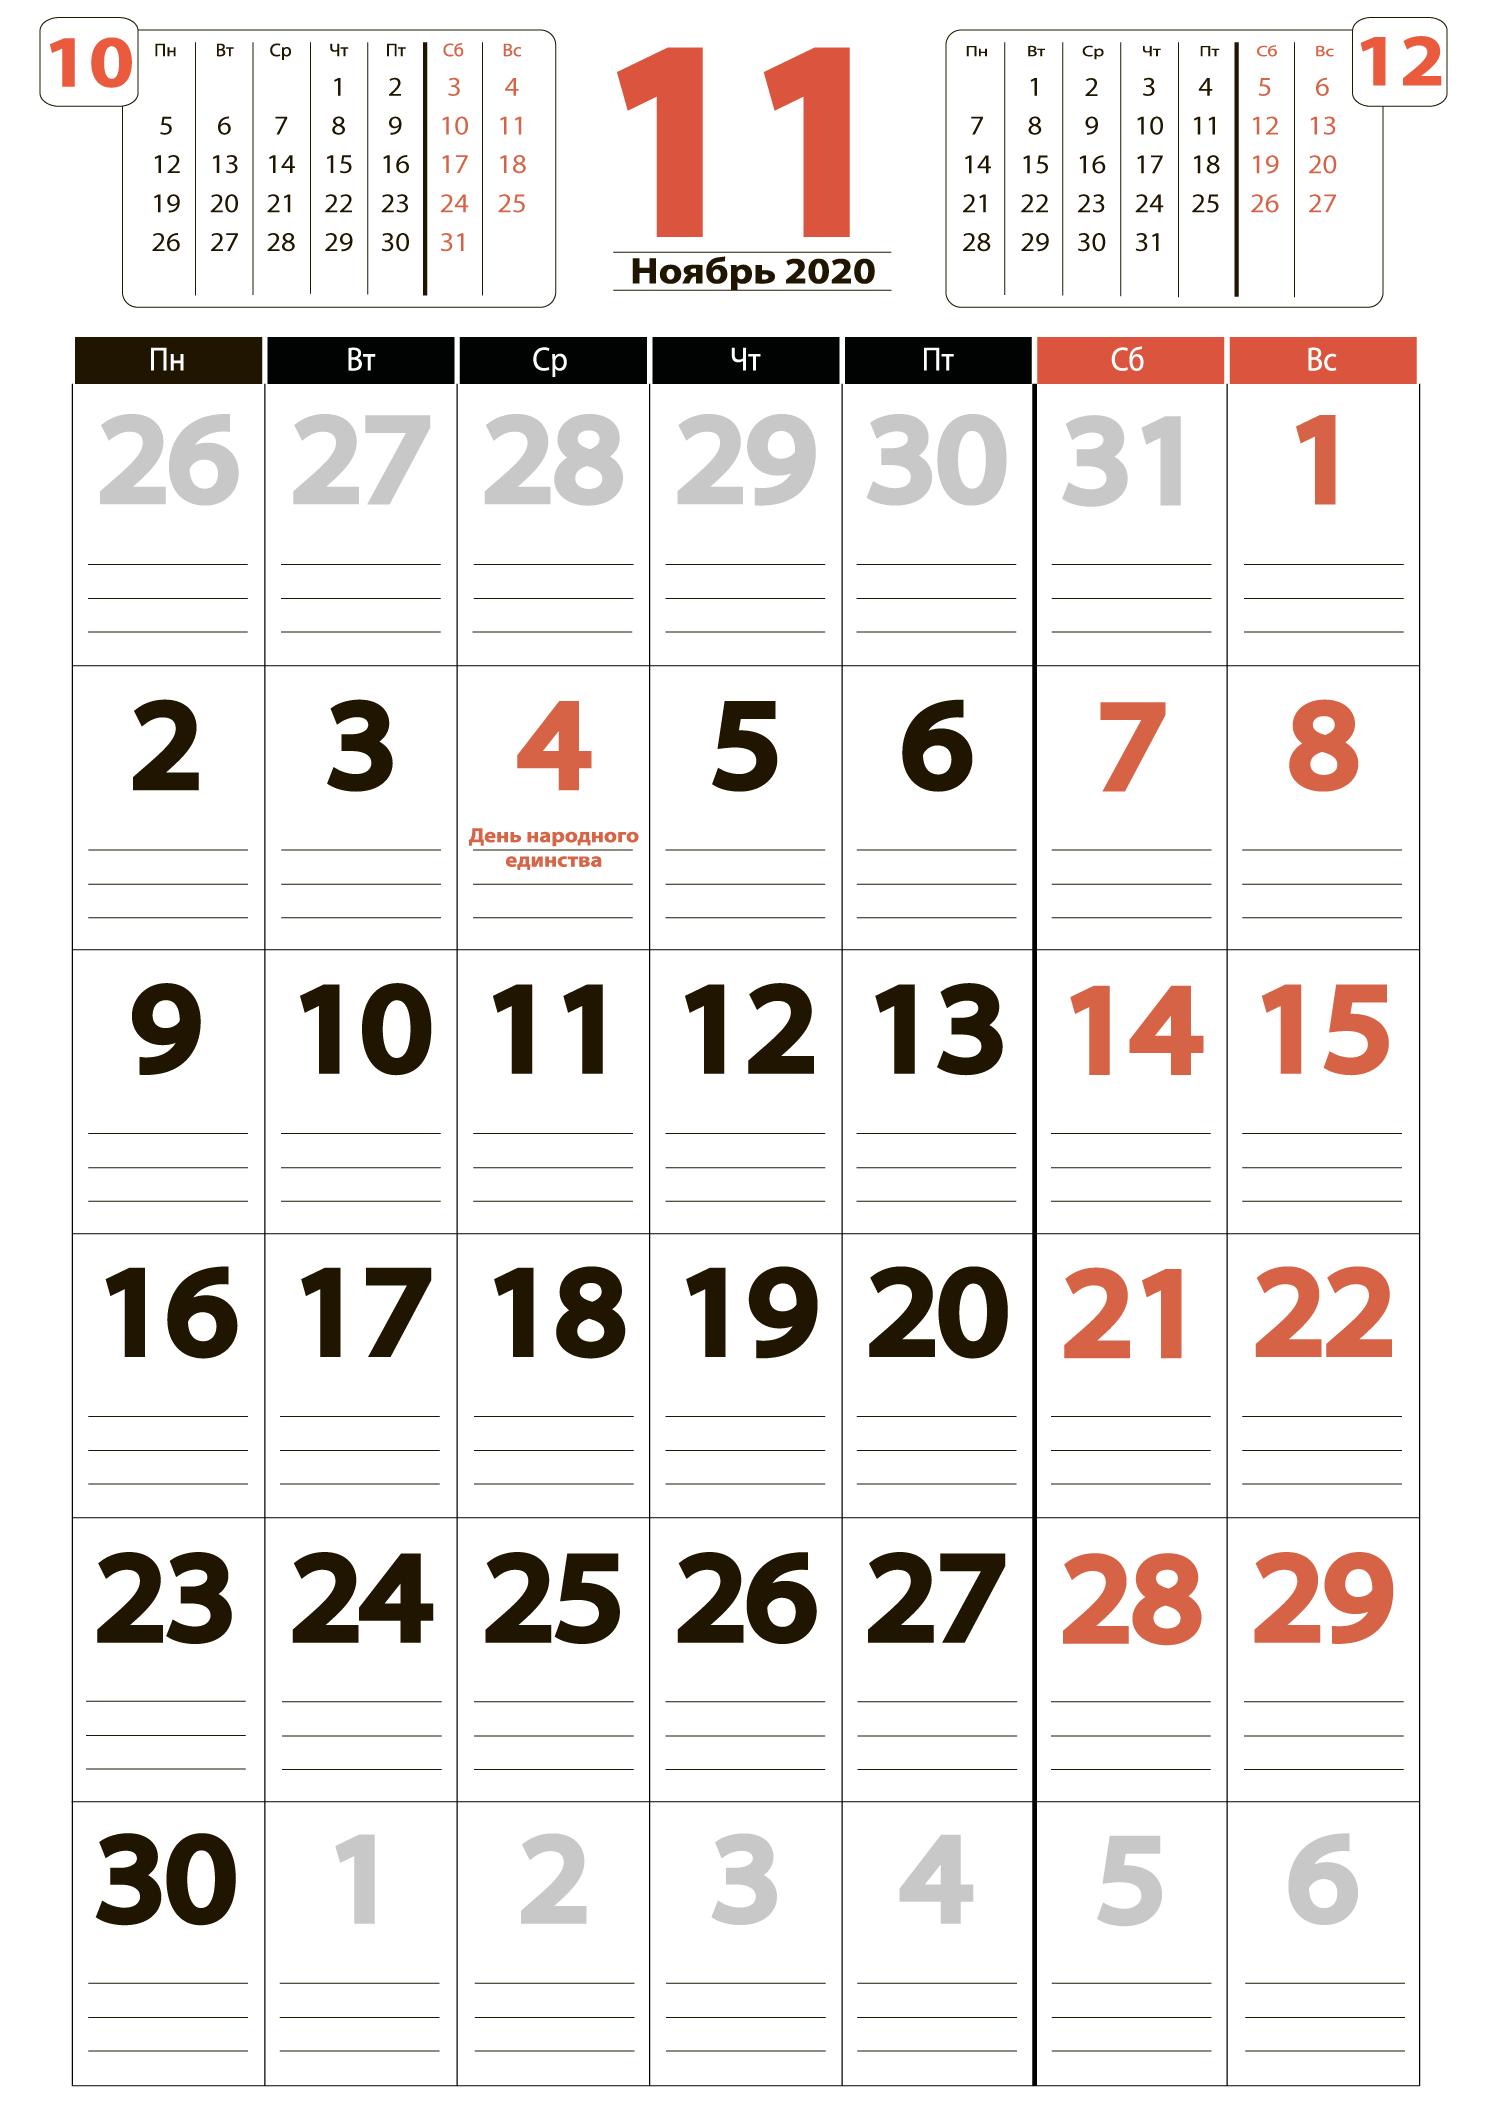 Печать крупного календаря на ноябрь 2020